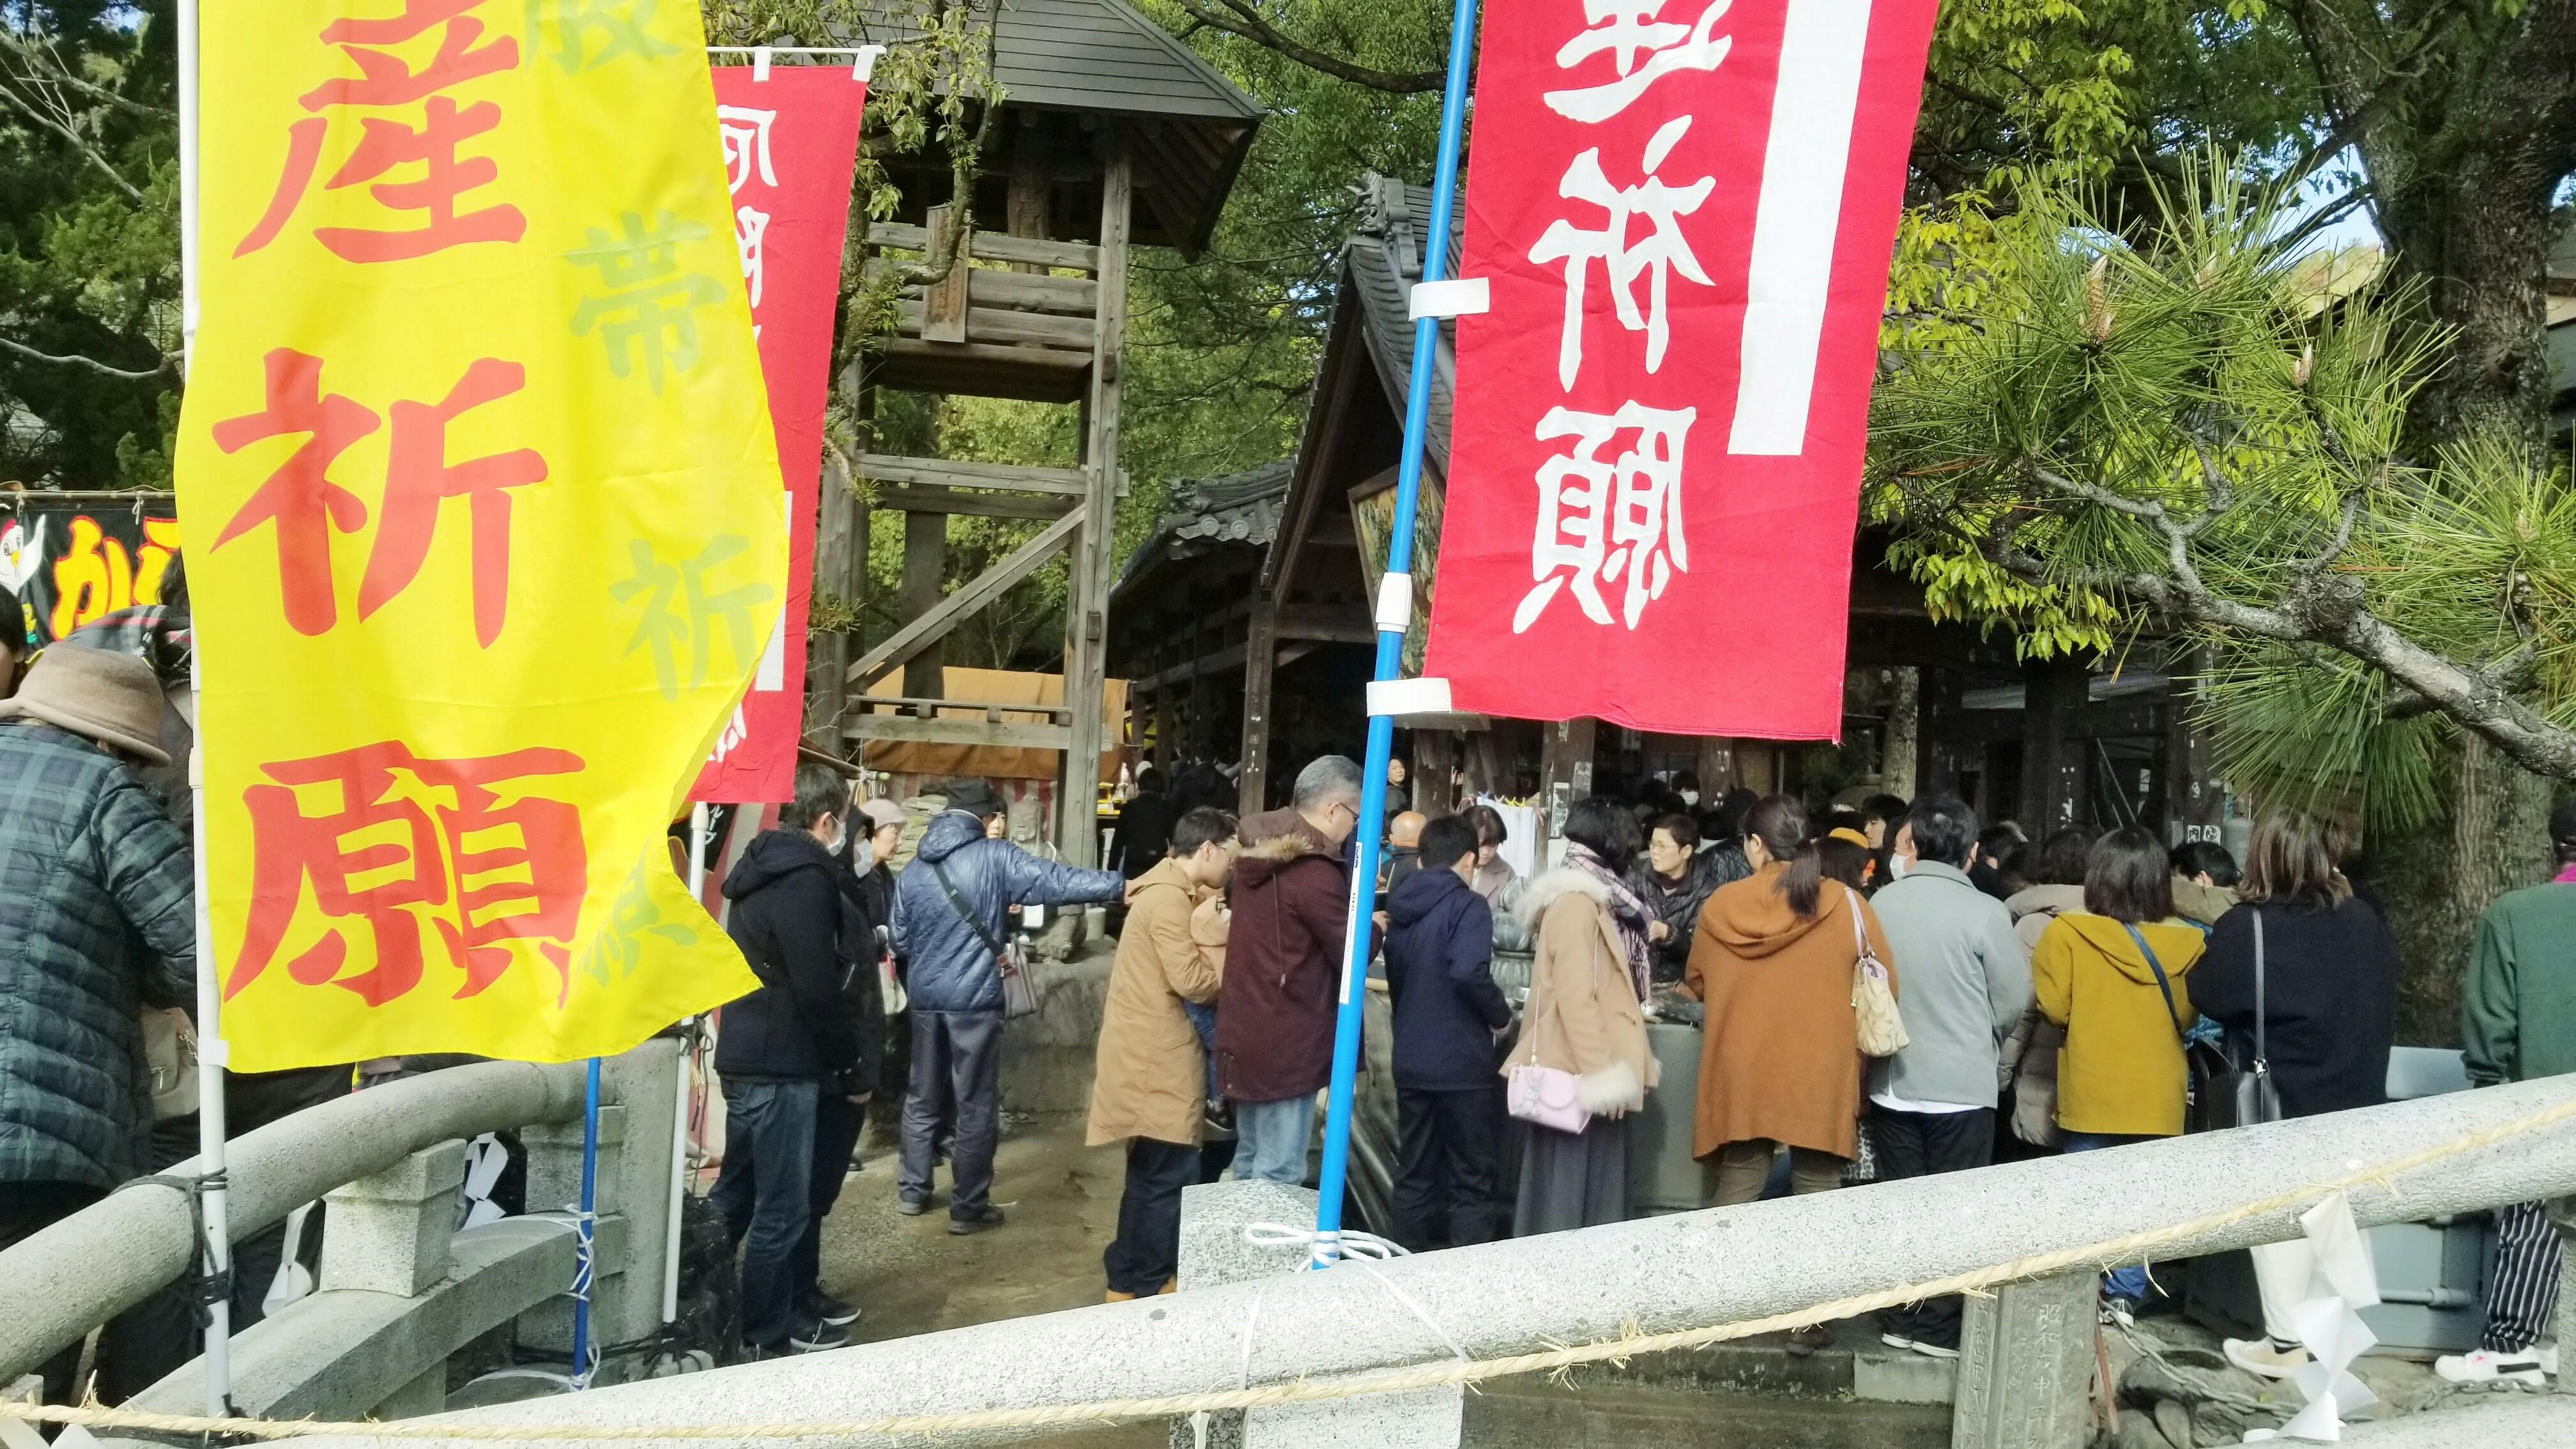 2020年令和2年初詣混雑愛媛県石手寺ahappynewyear参拝年末年始